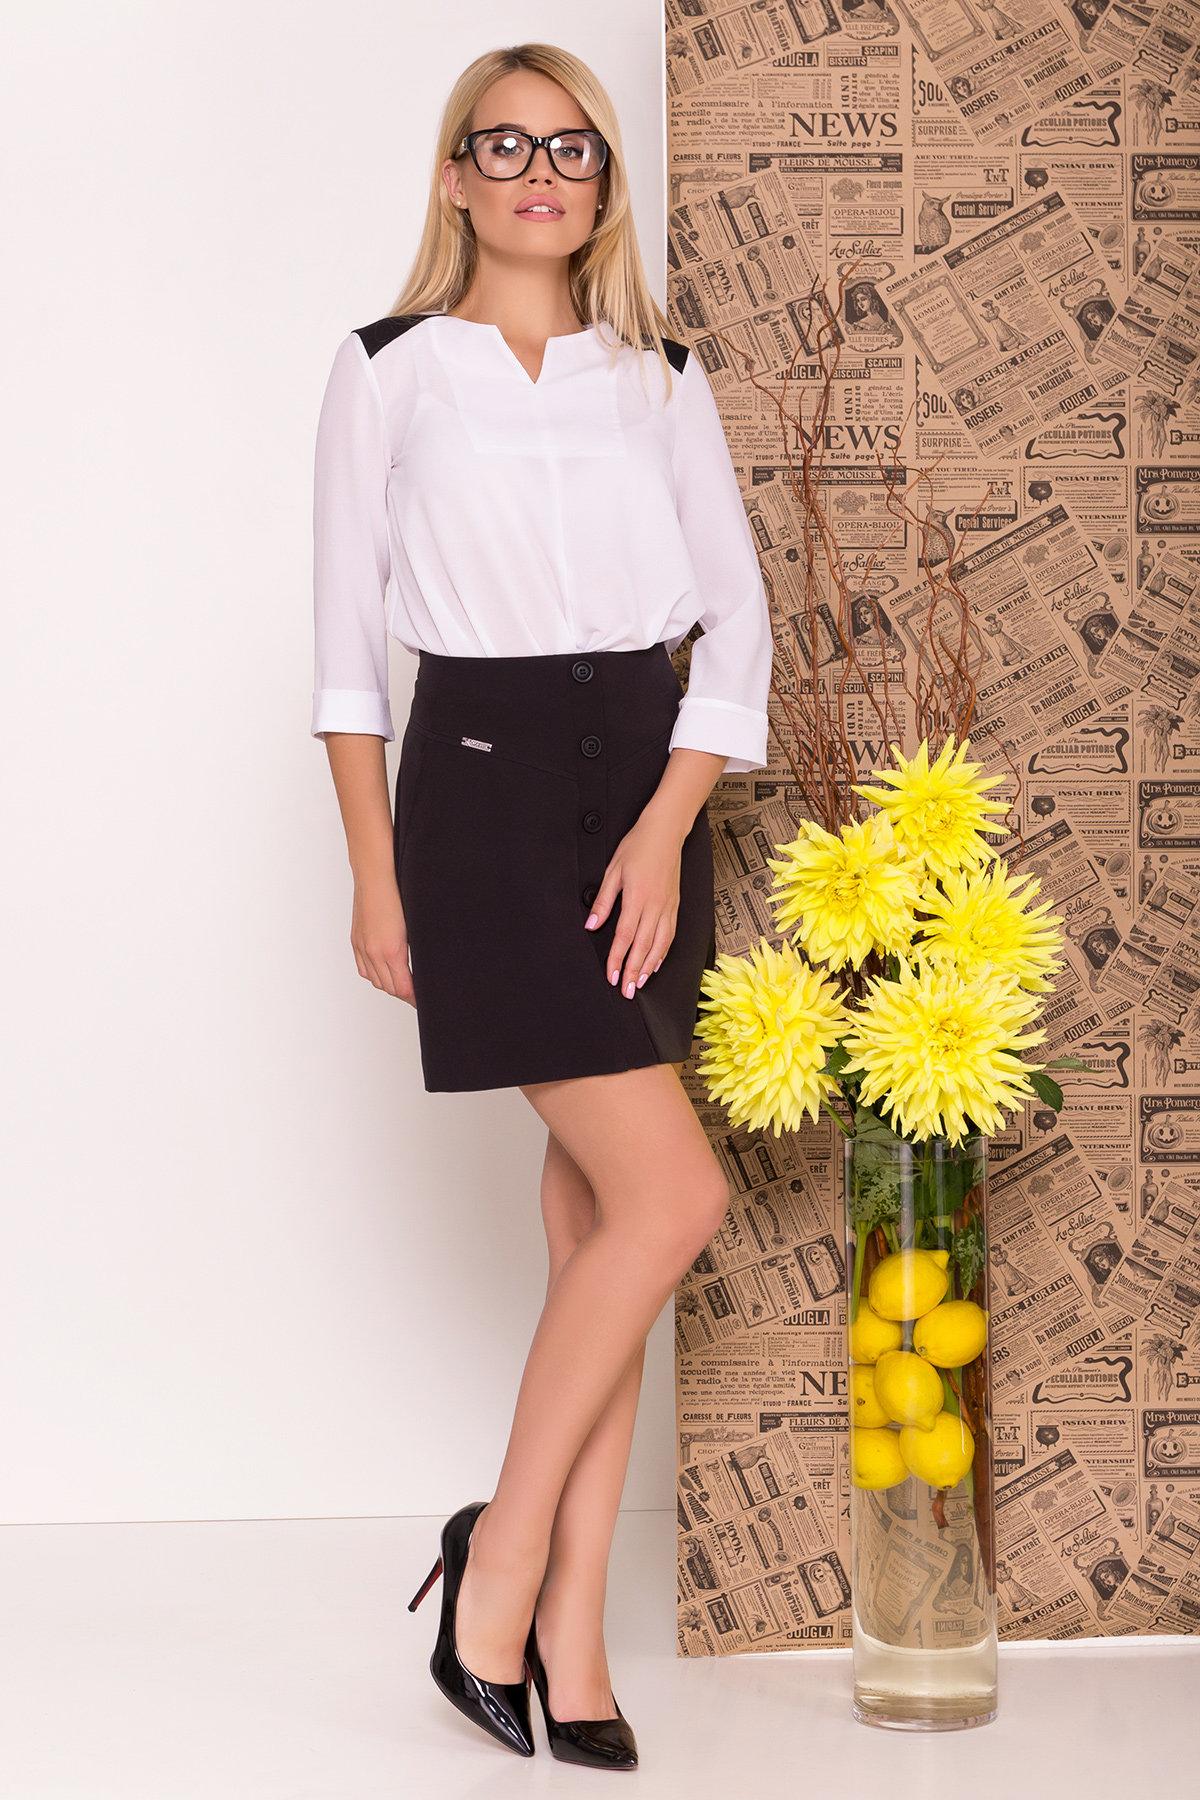 Женские блузки купить от Modus Блуза рукав 3/4 Модена 7728